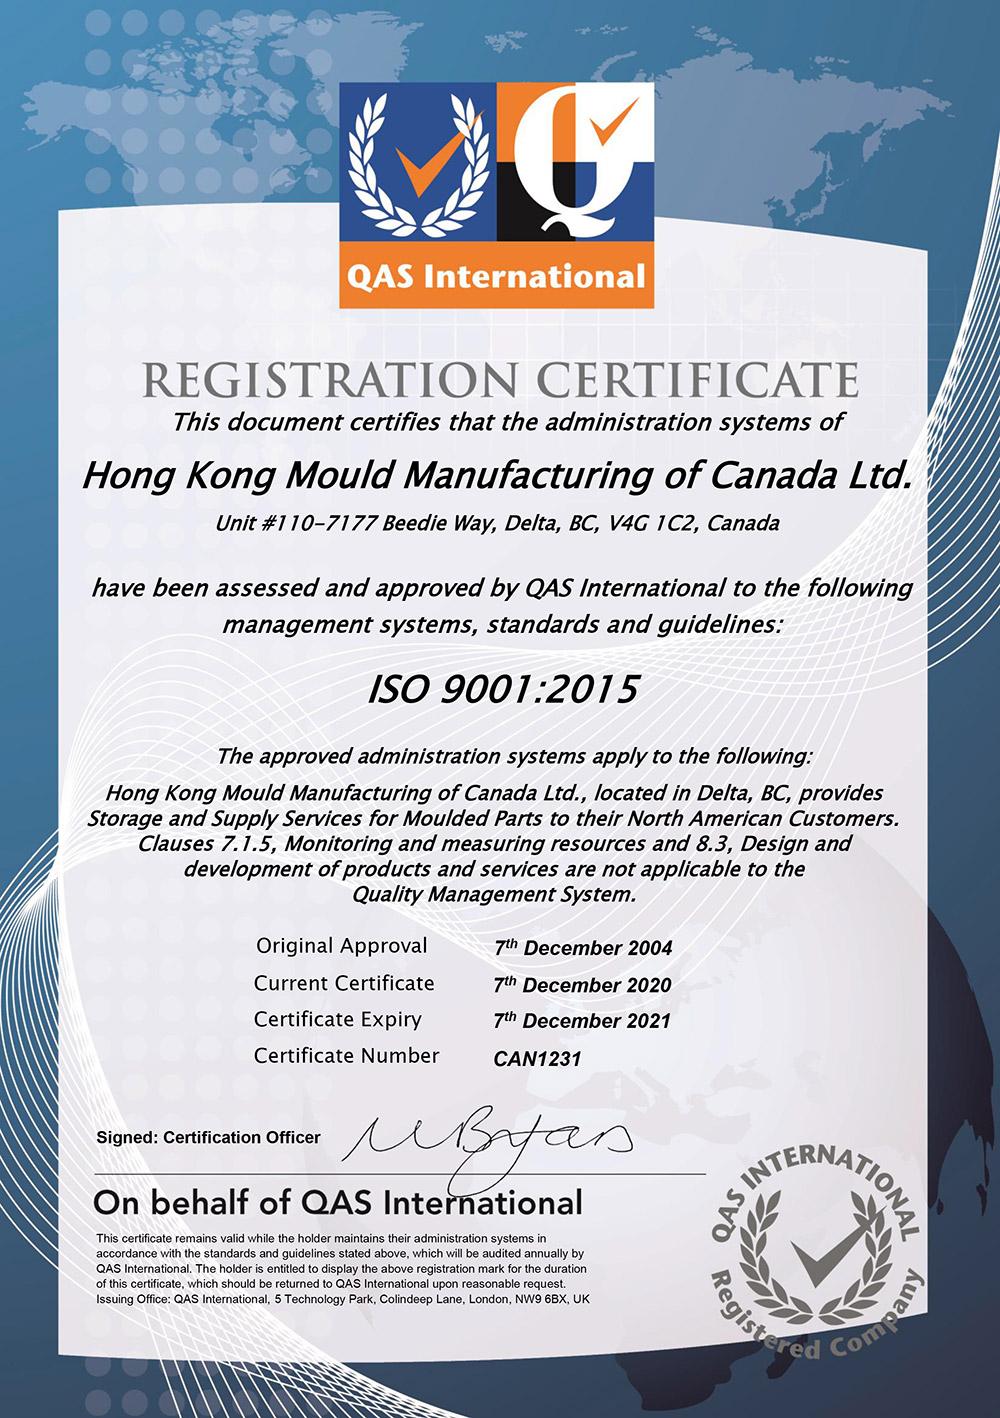 HKM-ISO-CERTFICIATE---DEC-07-2020-TO-DEC-07-2021.jpg